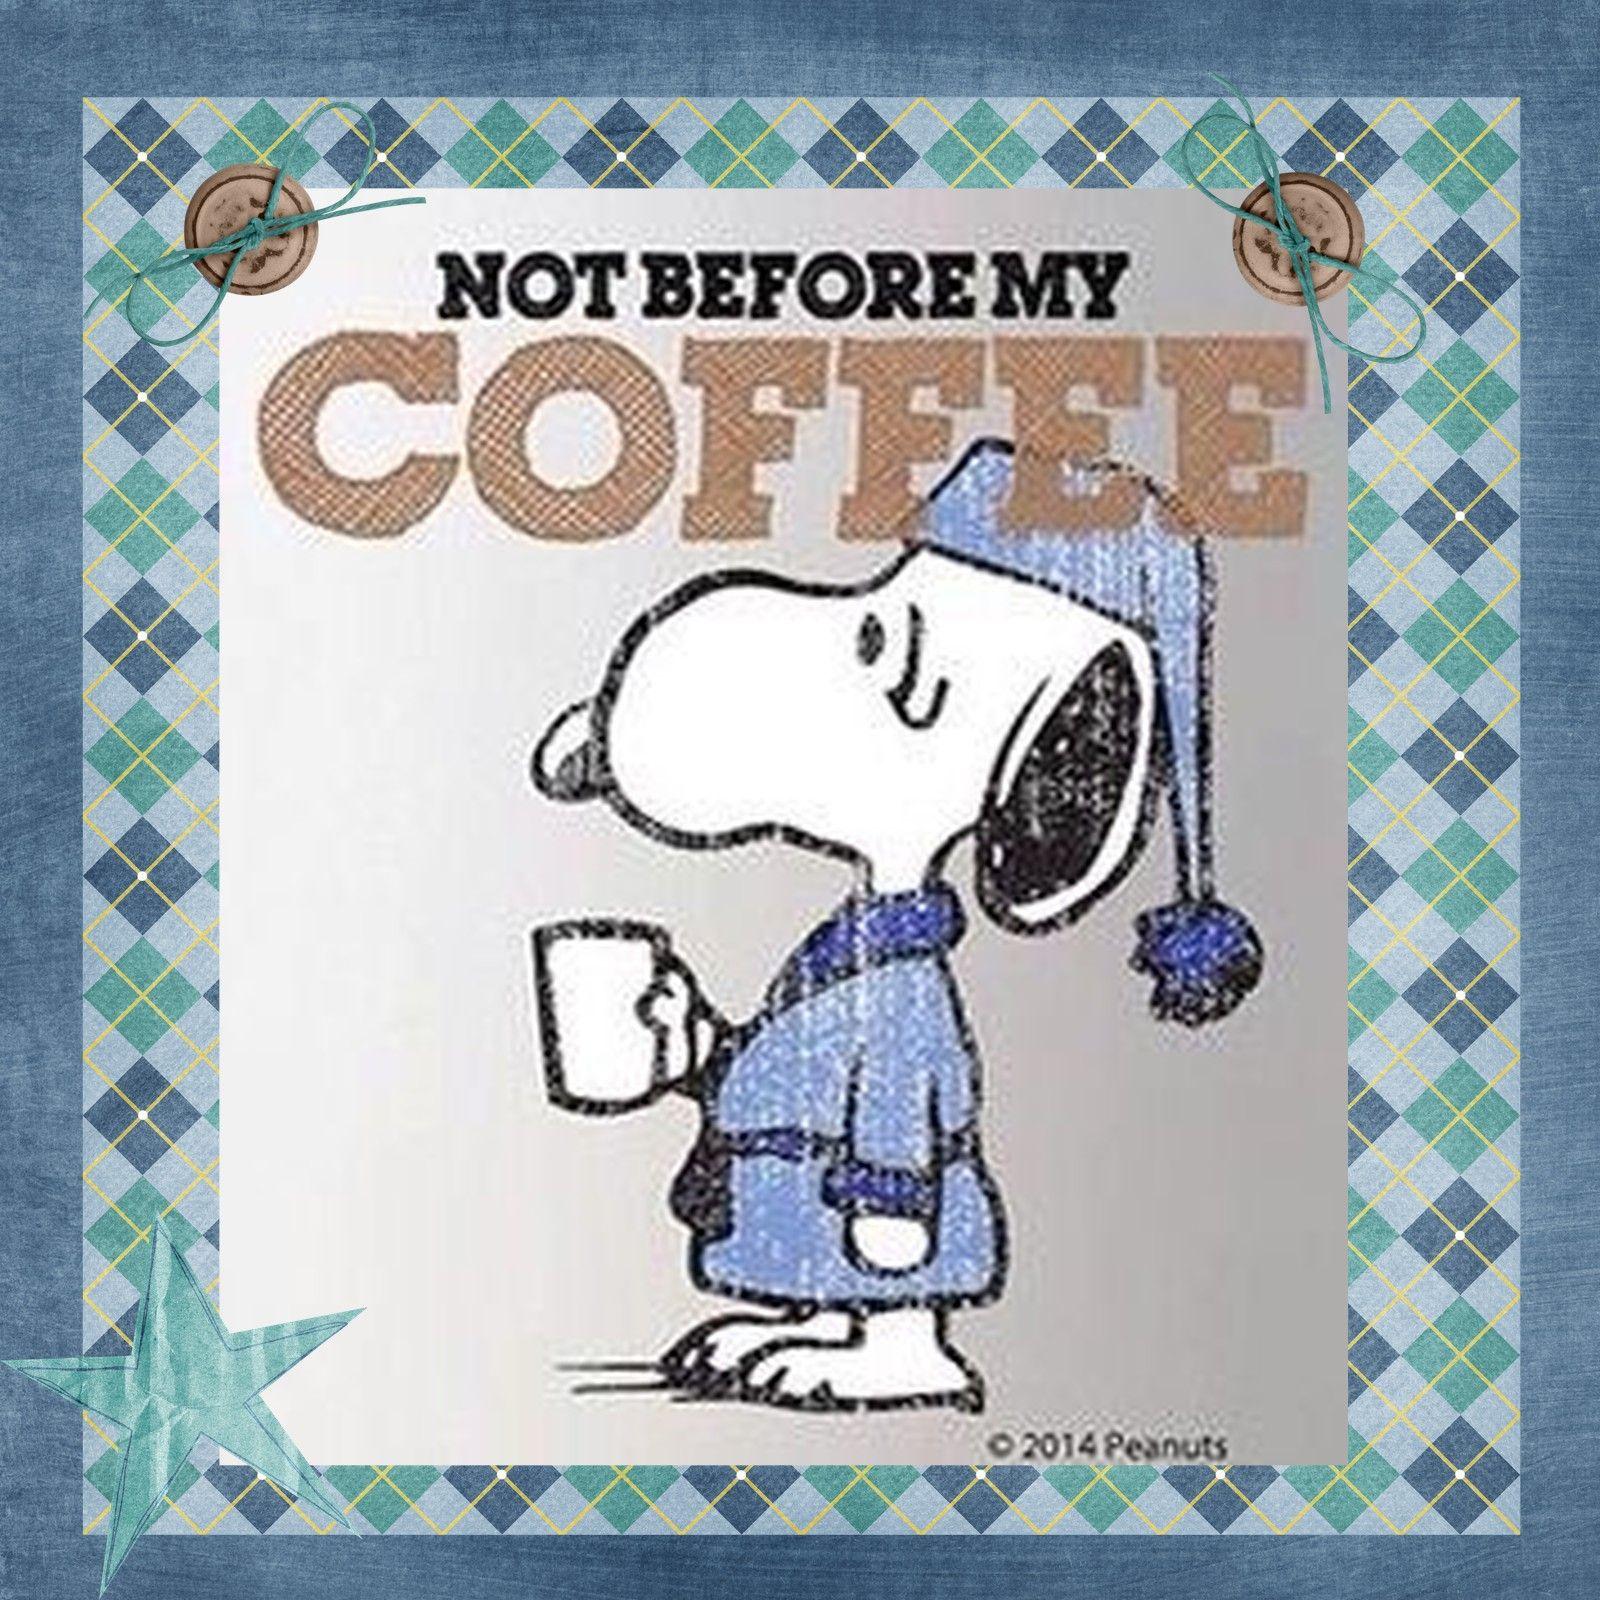 Snoopy not before my coffee snoopy pinterest guten morgen gruss spr che und guten morgen - Liebling englisch ...